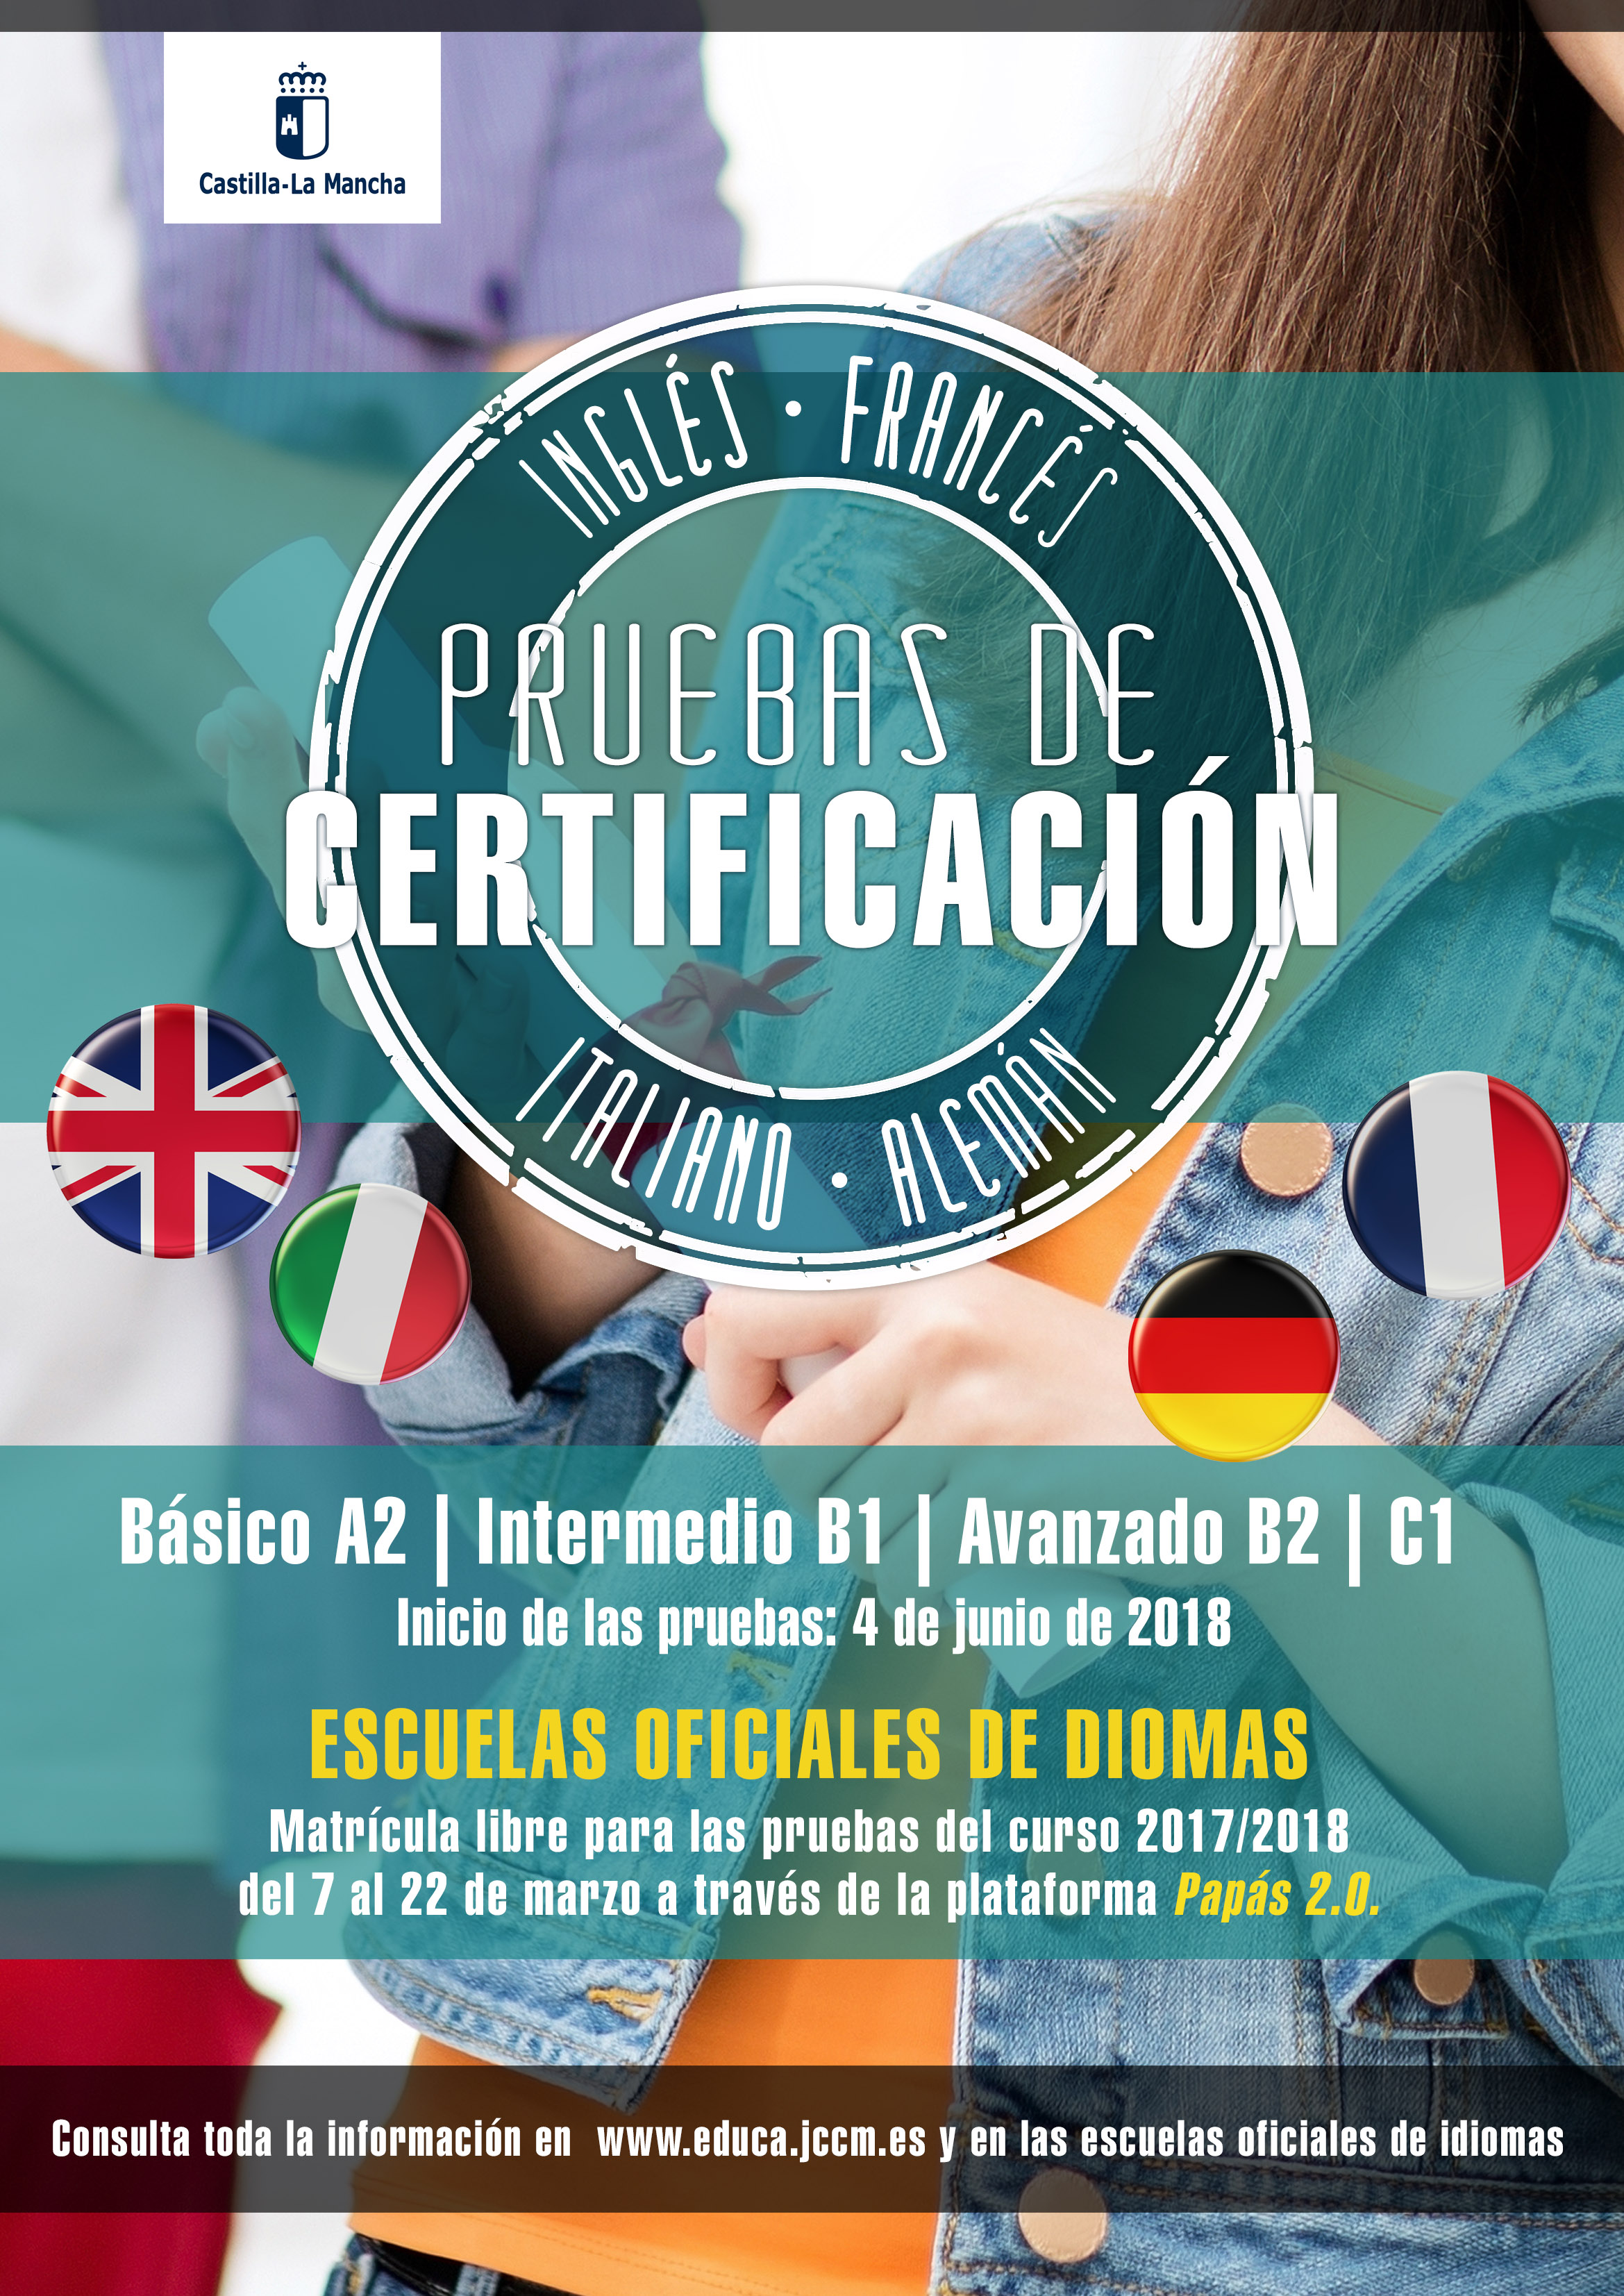 CartelPruebaIdiomas2018 - Pruebas de certificación libres 2017-18